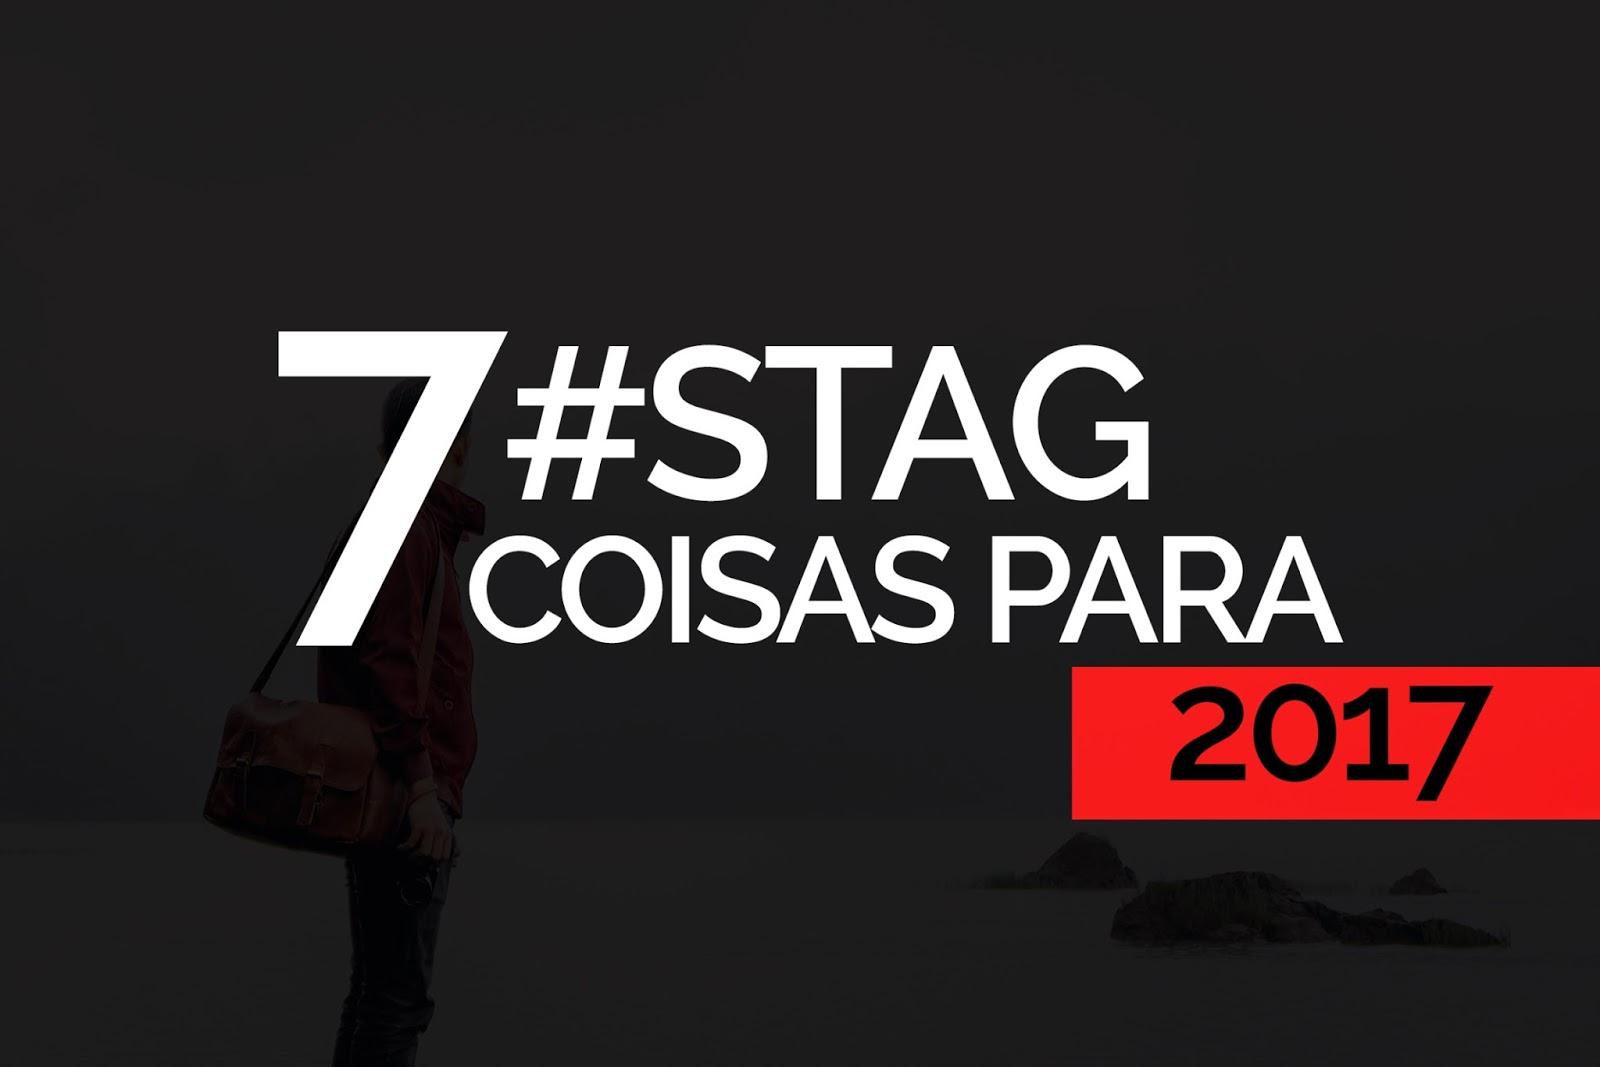 QG DOS BLOGUEIROS - 7 COISAS PARA 2017